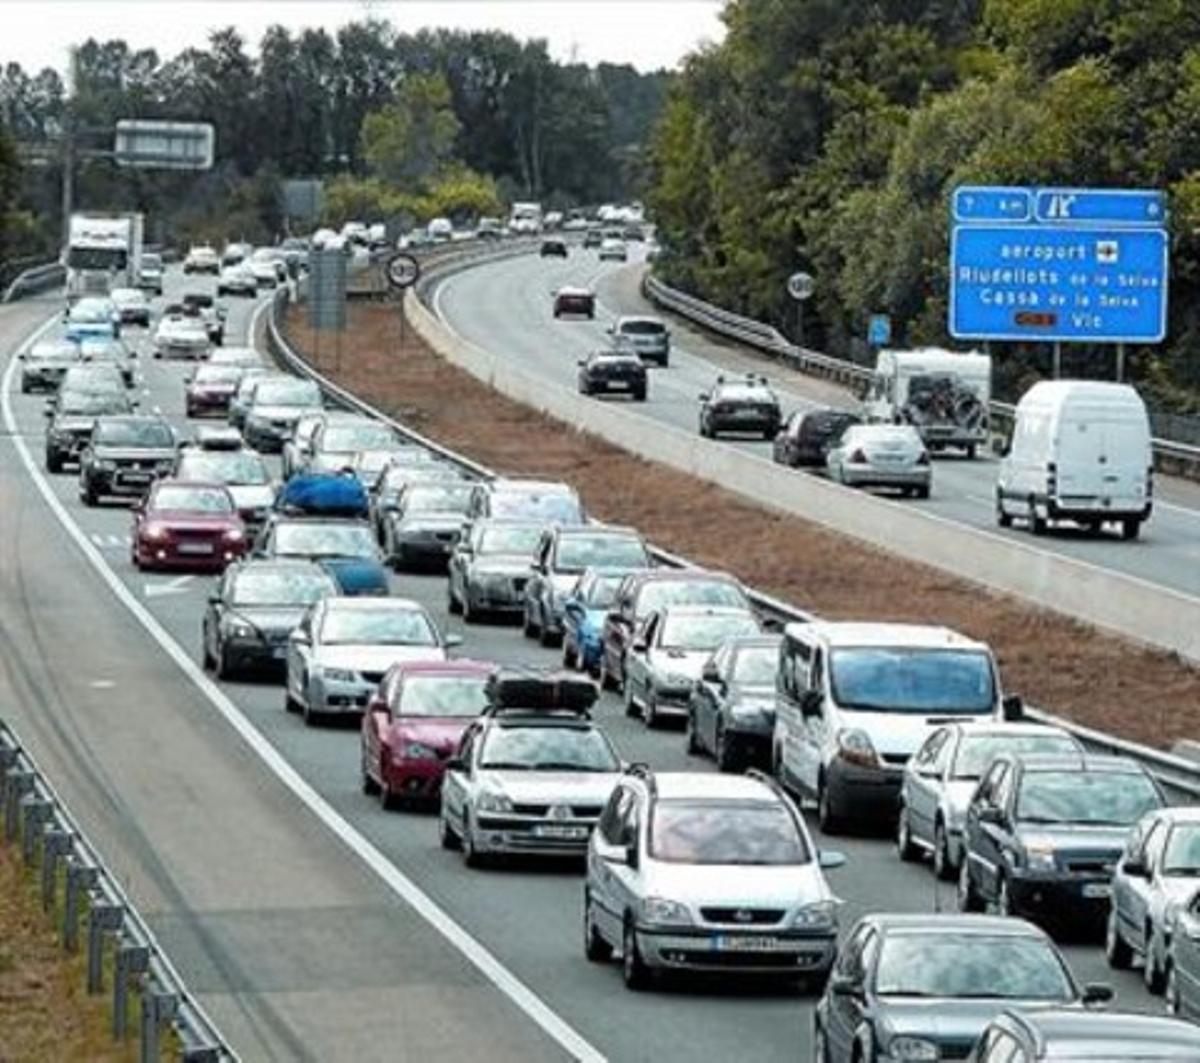 Imagen de archivo de retención de tráfico en la autopista AP-7 en Girona durante un puentefestivo.